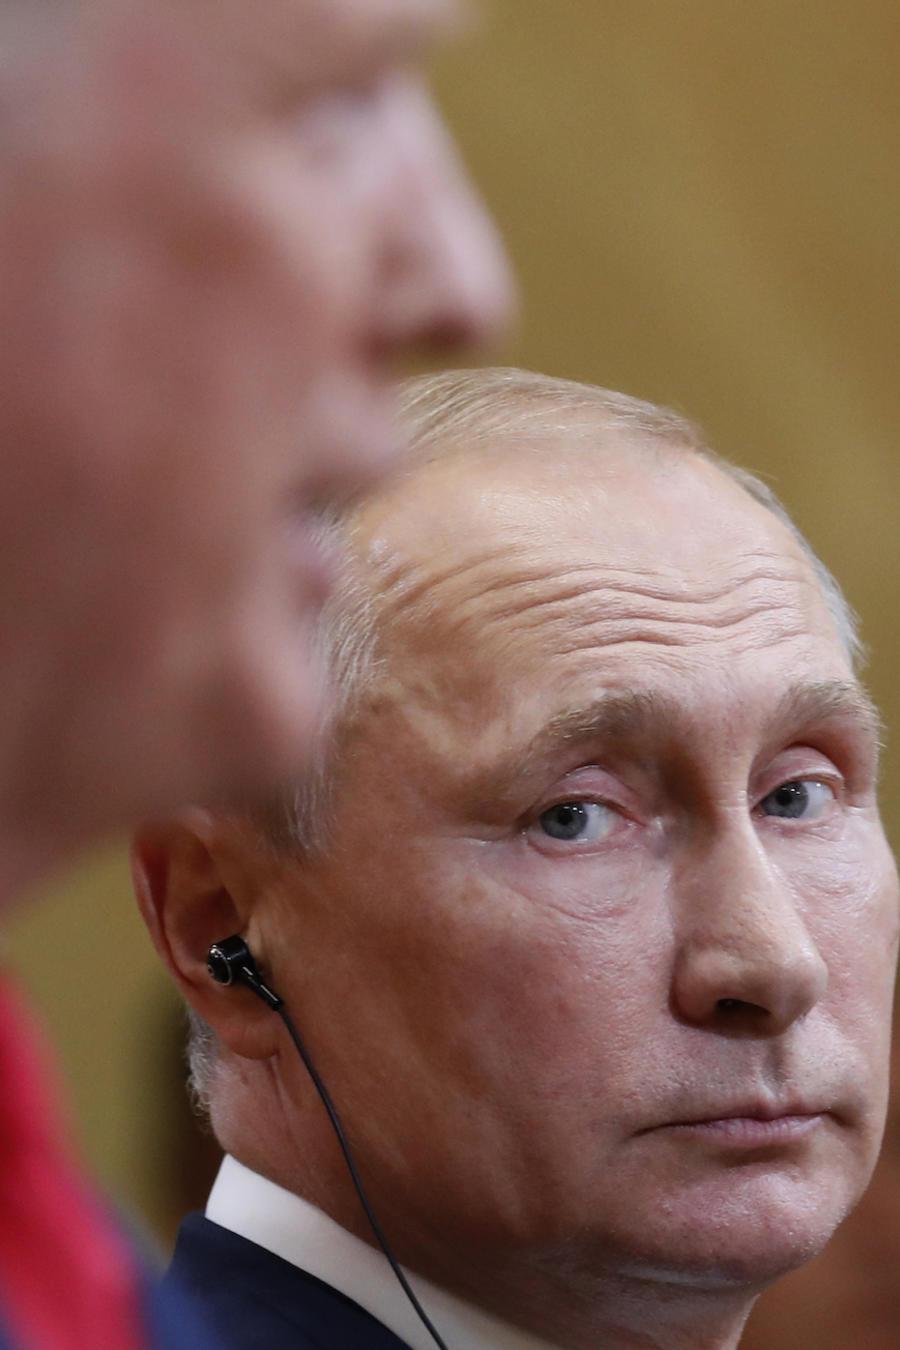 Putin escucha a Trump durante su conferencia de prensa este lunes en Helsinki.